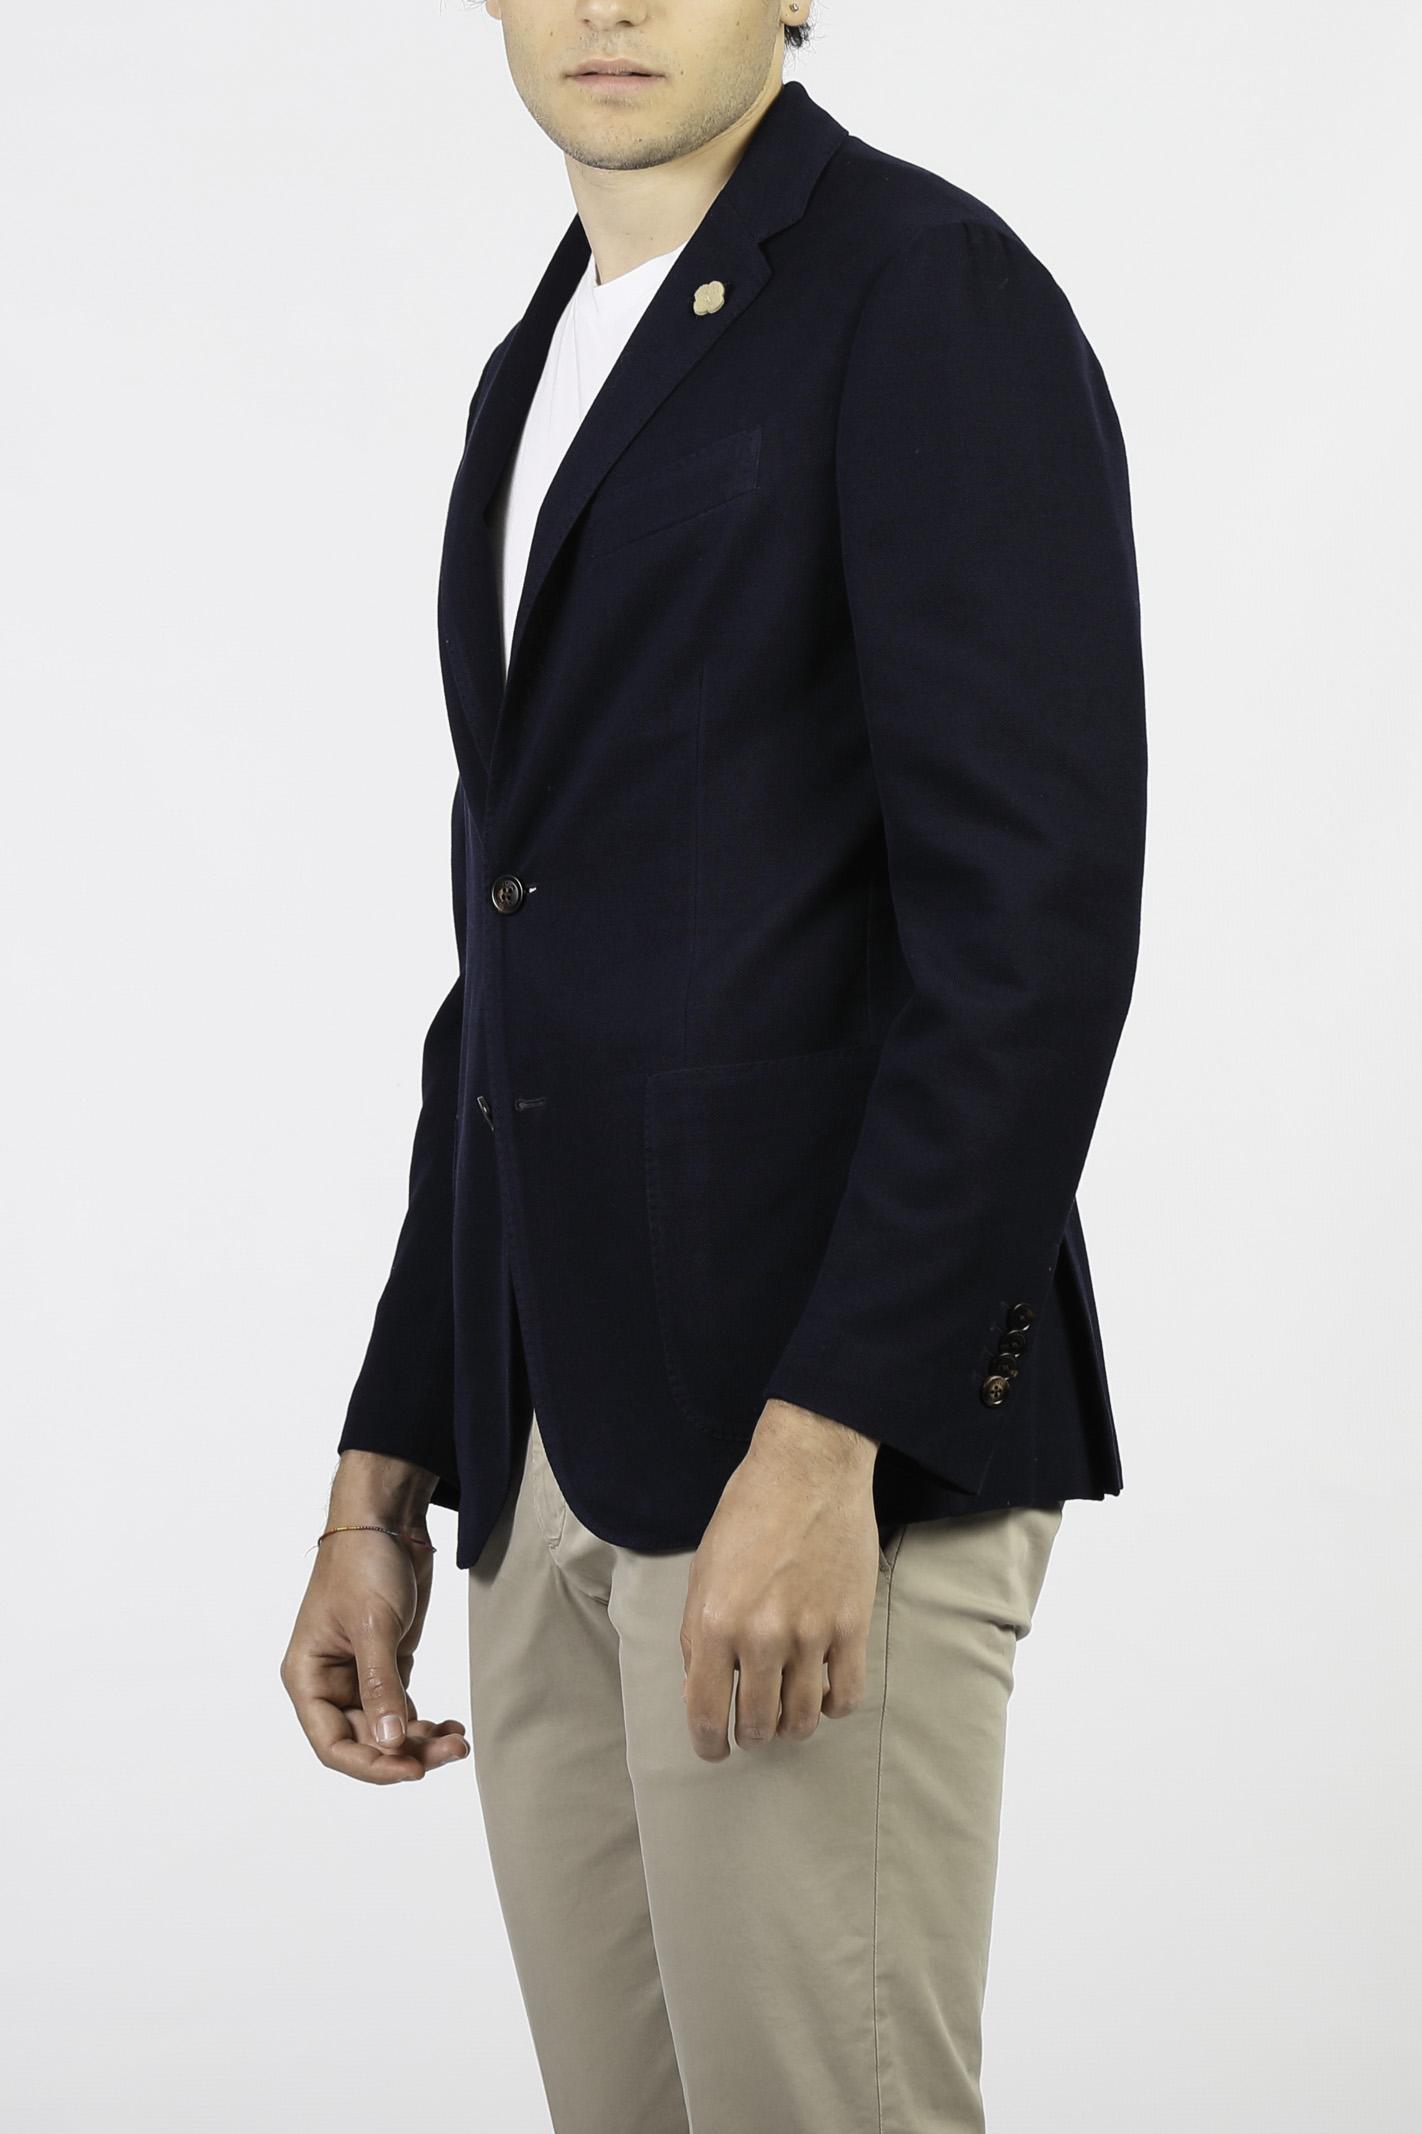 COTTON BLEND JACKET LARDINI | Jackets | ELLKJ1E-EL56041850